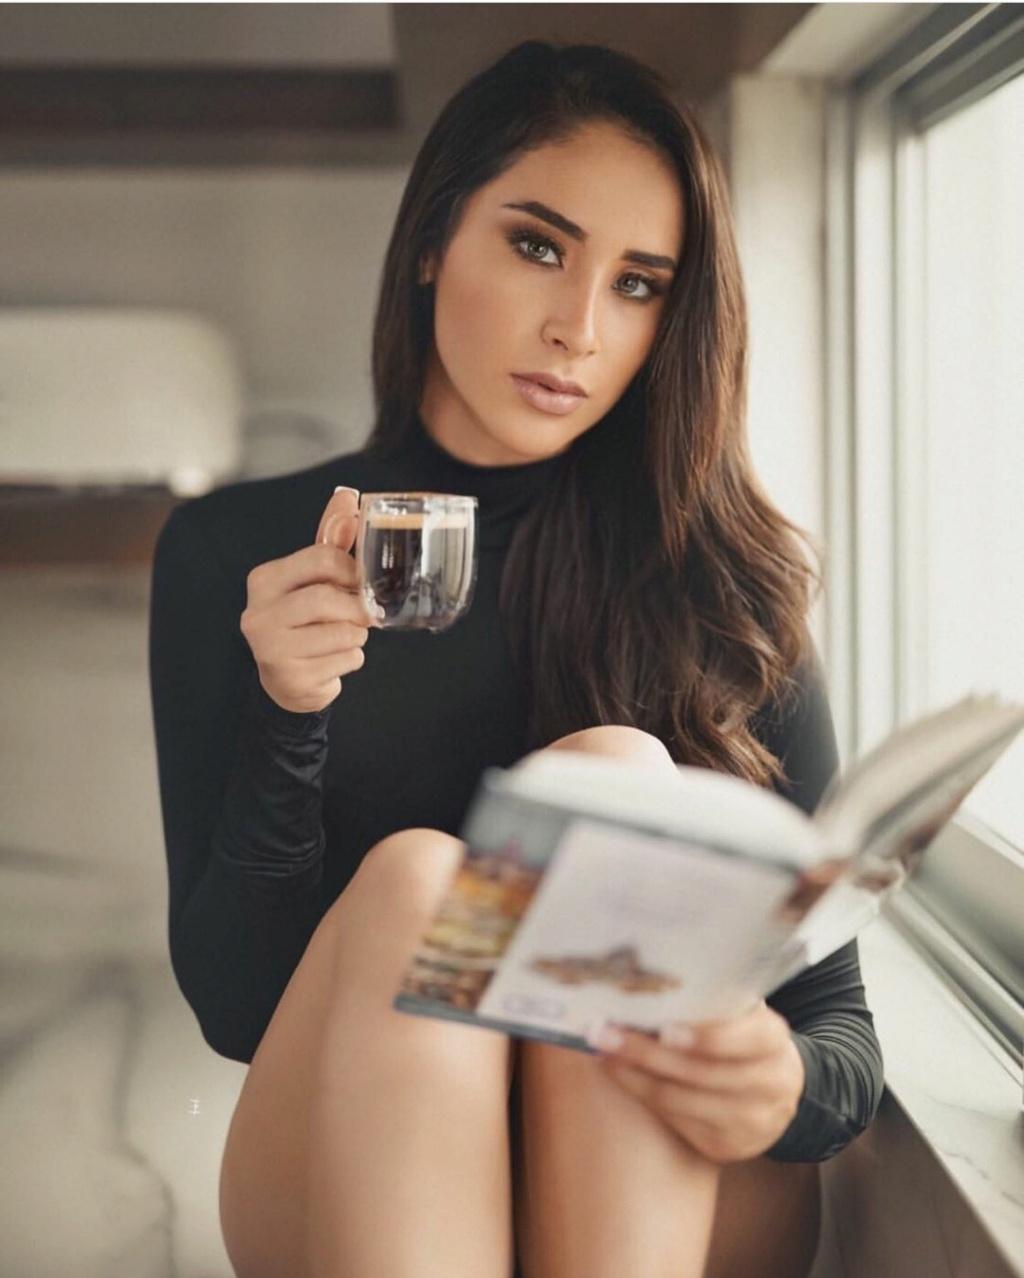 DEBATE sobre belleza, guapura y hermosura (fotos de chicas latinas, mestizas, y de todo) - VOL II - Página 5 Img_2143